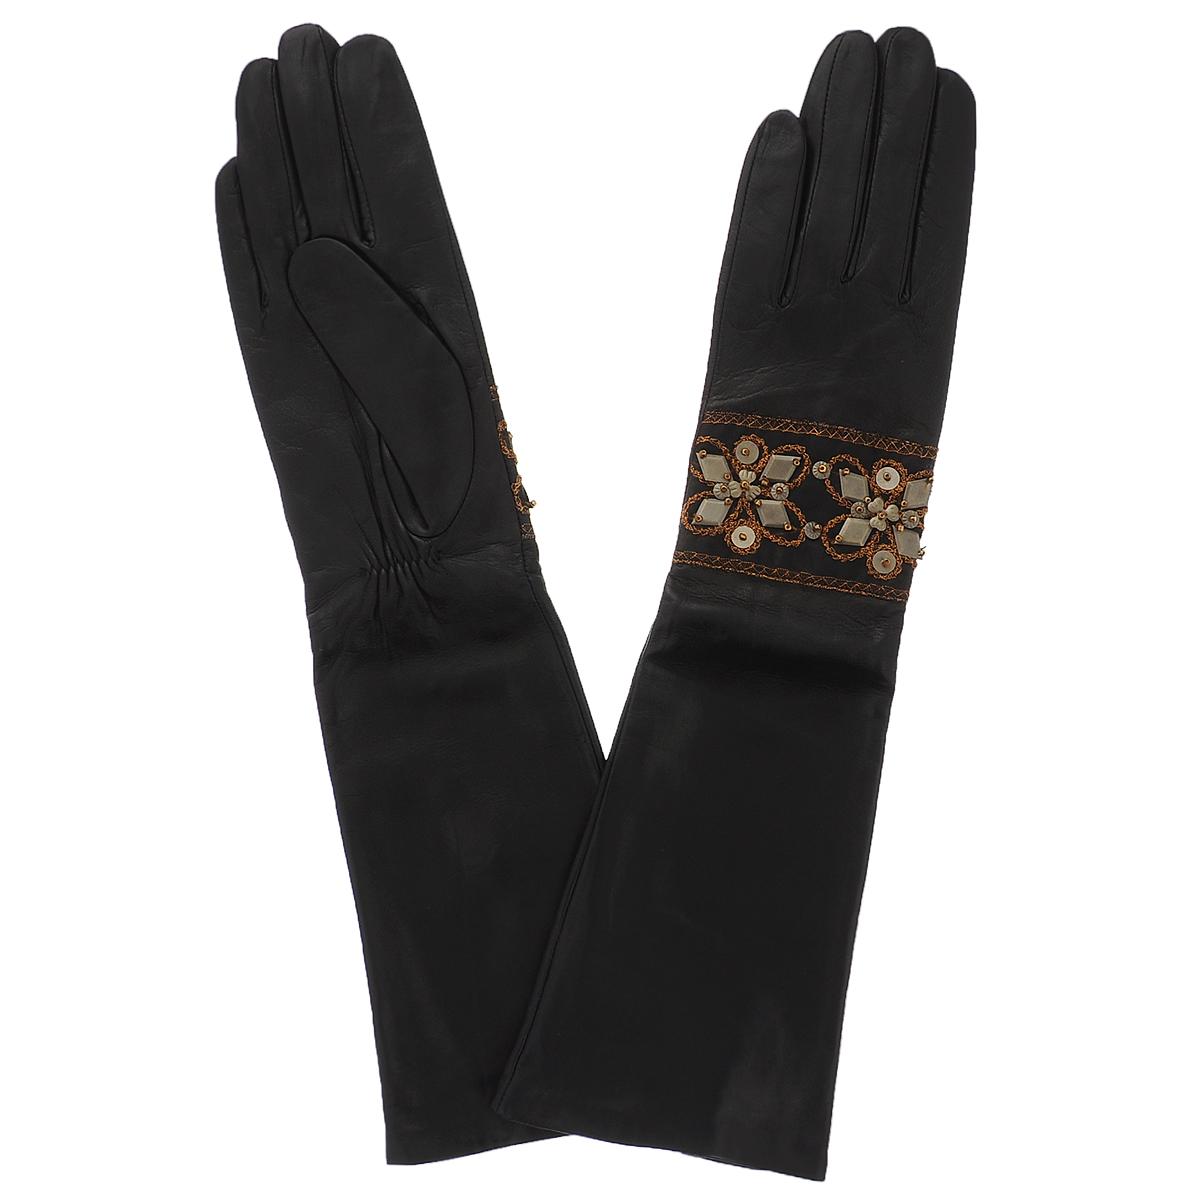 Перчатки81_UNE_21/BL//11Стильные удлиненные перчатки Dali Exclusive с шелковой подкладкой выполнены из мягкой и приятной на ощупь натуральной кожи ягненка. На внутренней стороне под большим пальцем сборка на резинке. Лицевая сторона декорирована лентой, расшитой блестящей нитью и аппликацией из металлических пластин. Такие перчатки подчеркнут ваш стиль и неповторимость.